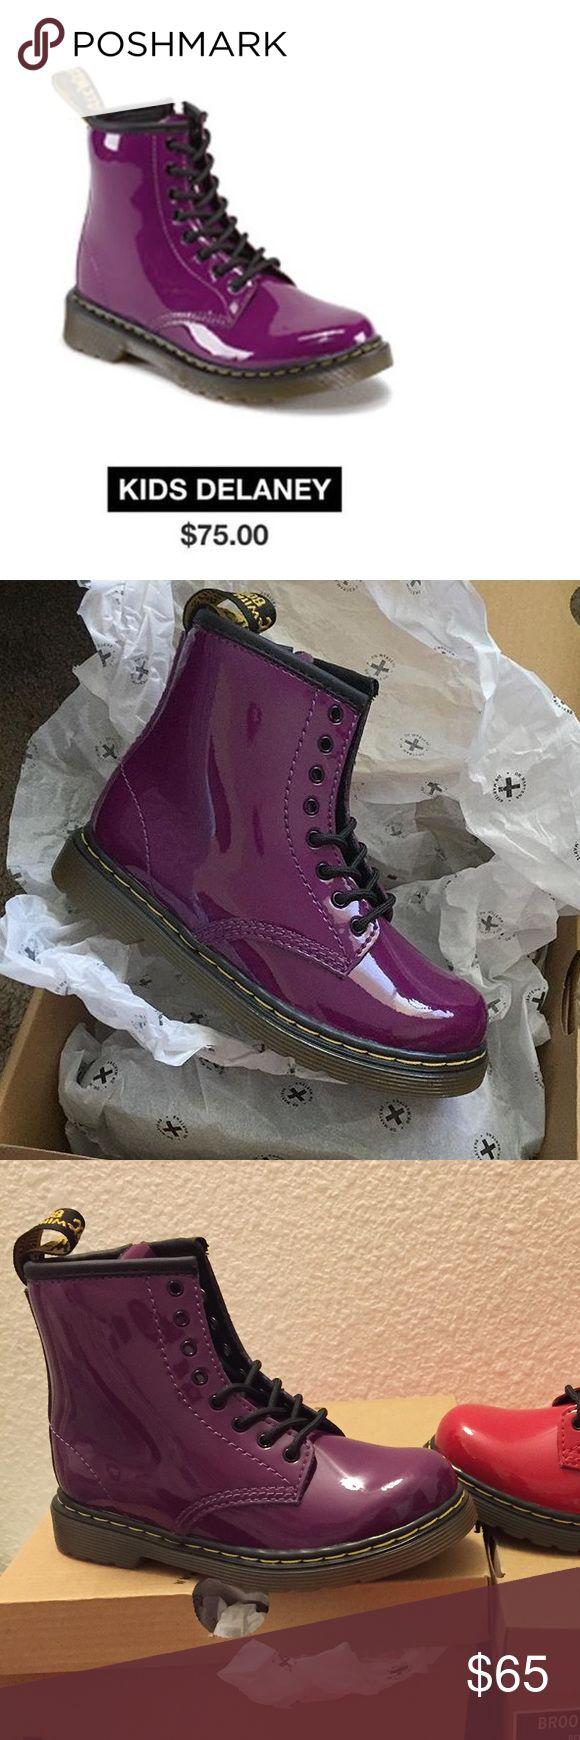 Doc marten new in box Purple doc marten shoes new in box. Size 10c kids doc martens Shoes Boots